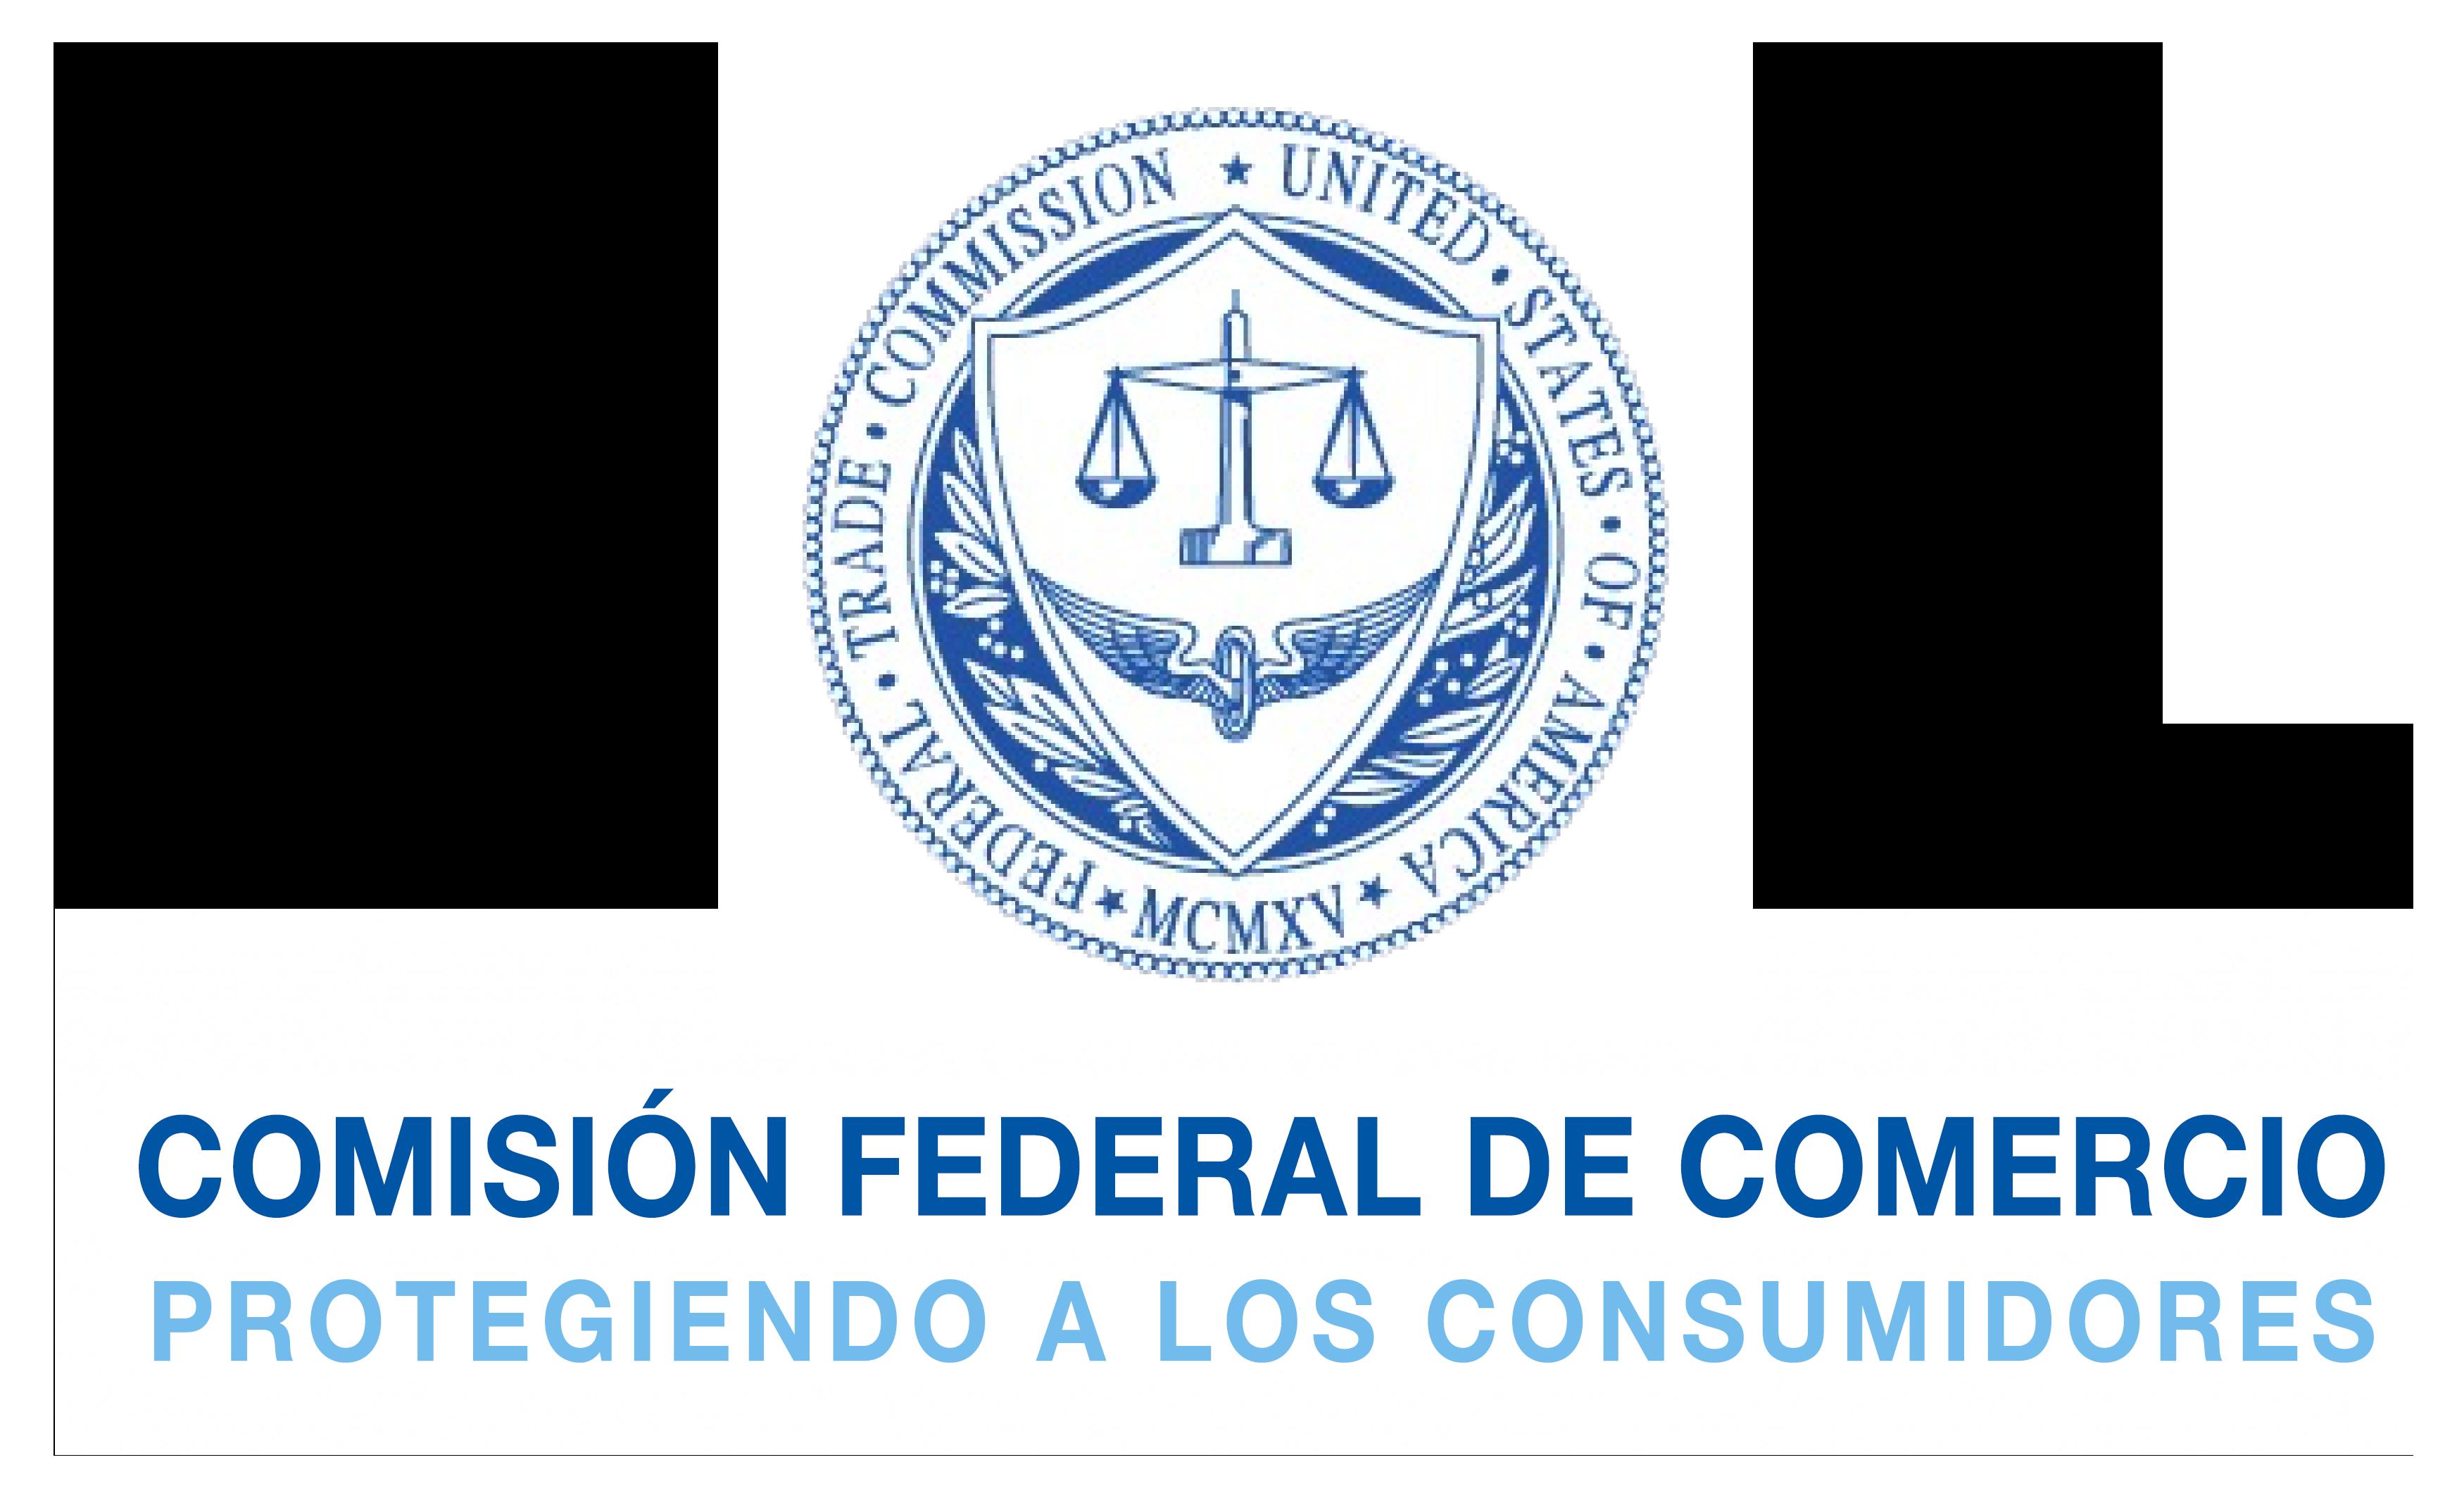 Logo de la Comisión Federal de Comercio:Protegiendo a los Consumidores